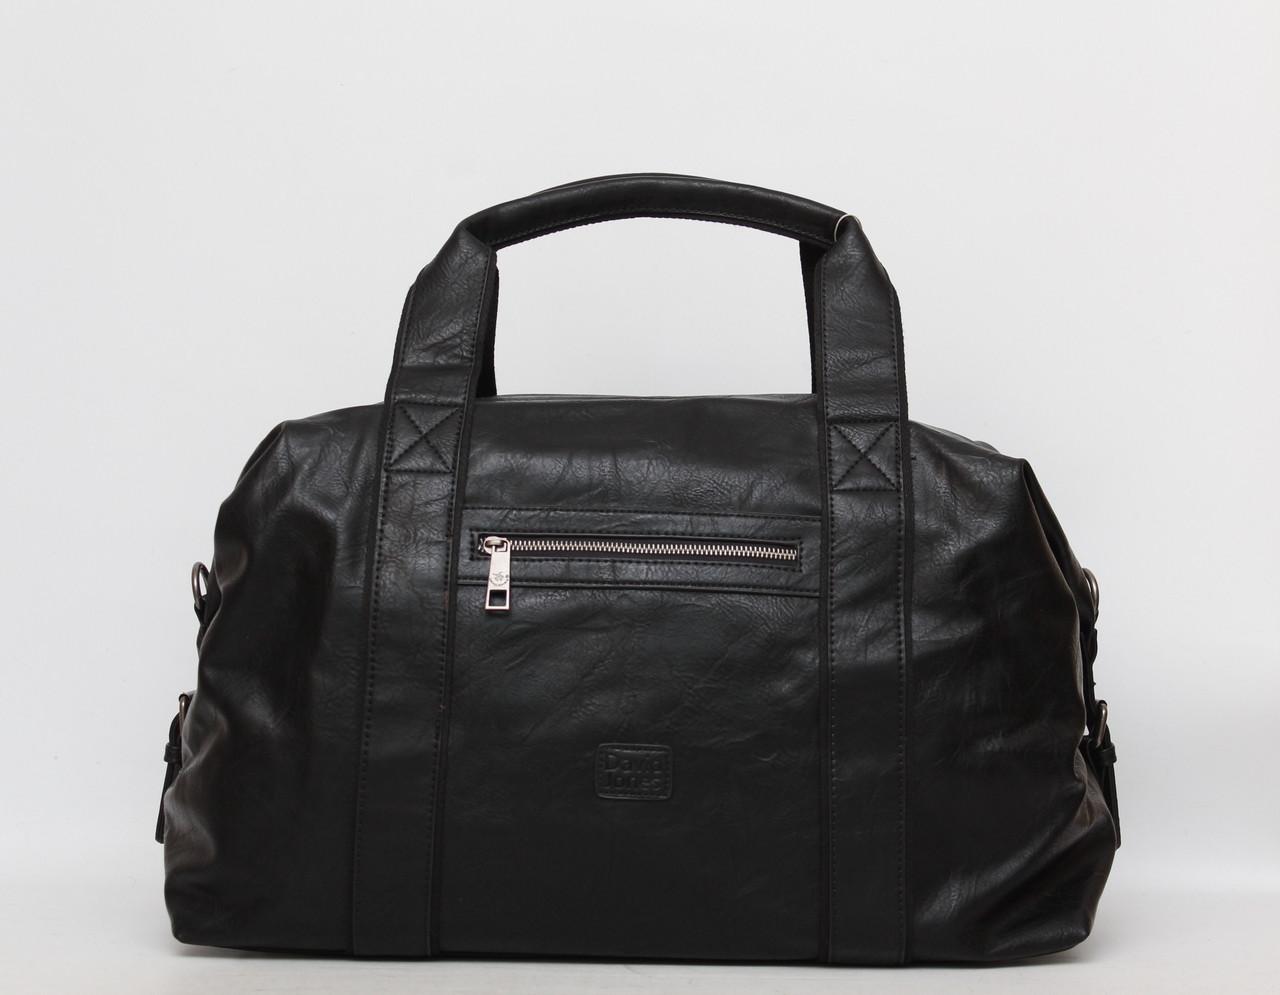 e7b084e4d34b дорожная сумка David Jones в дорогу продажа цена в львовской